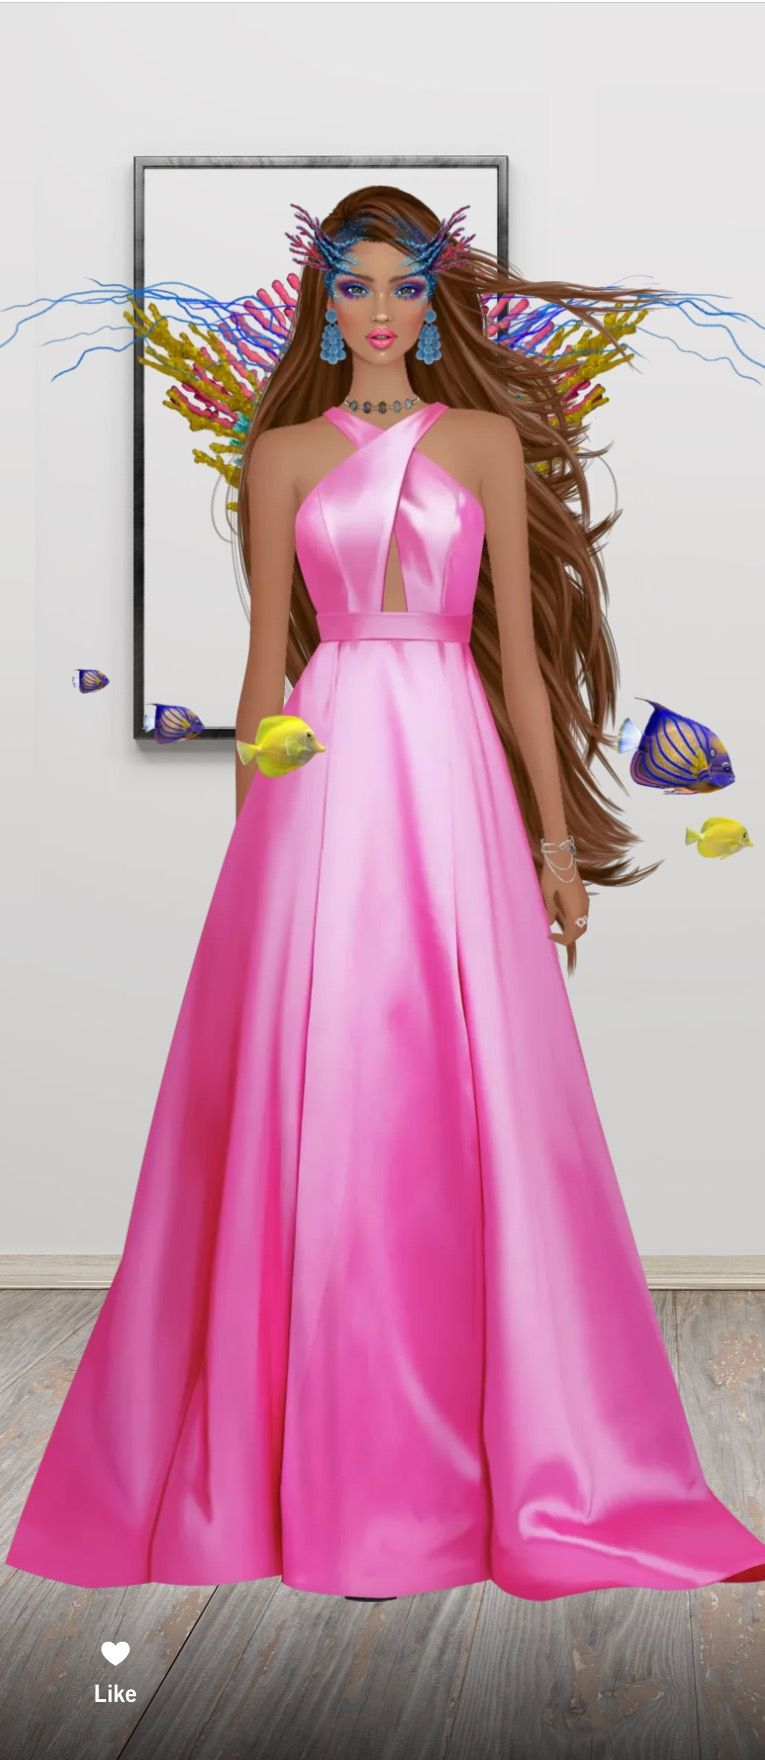 Increíble Vestidos De Fiesta Aspeed Colección de Imágenes - Ideas de ...